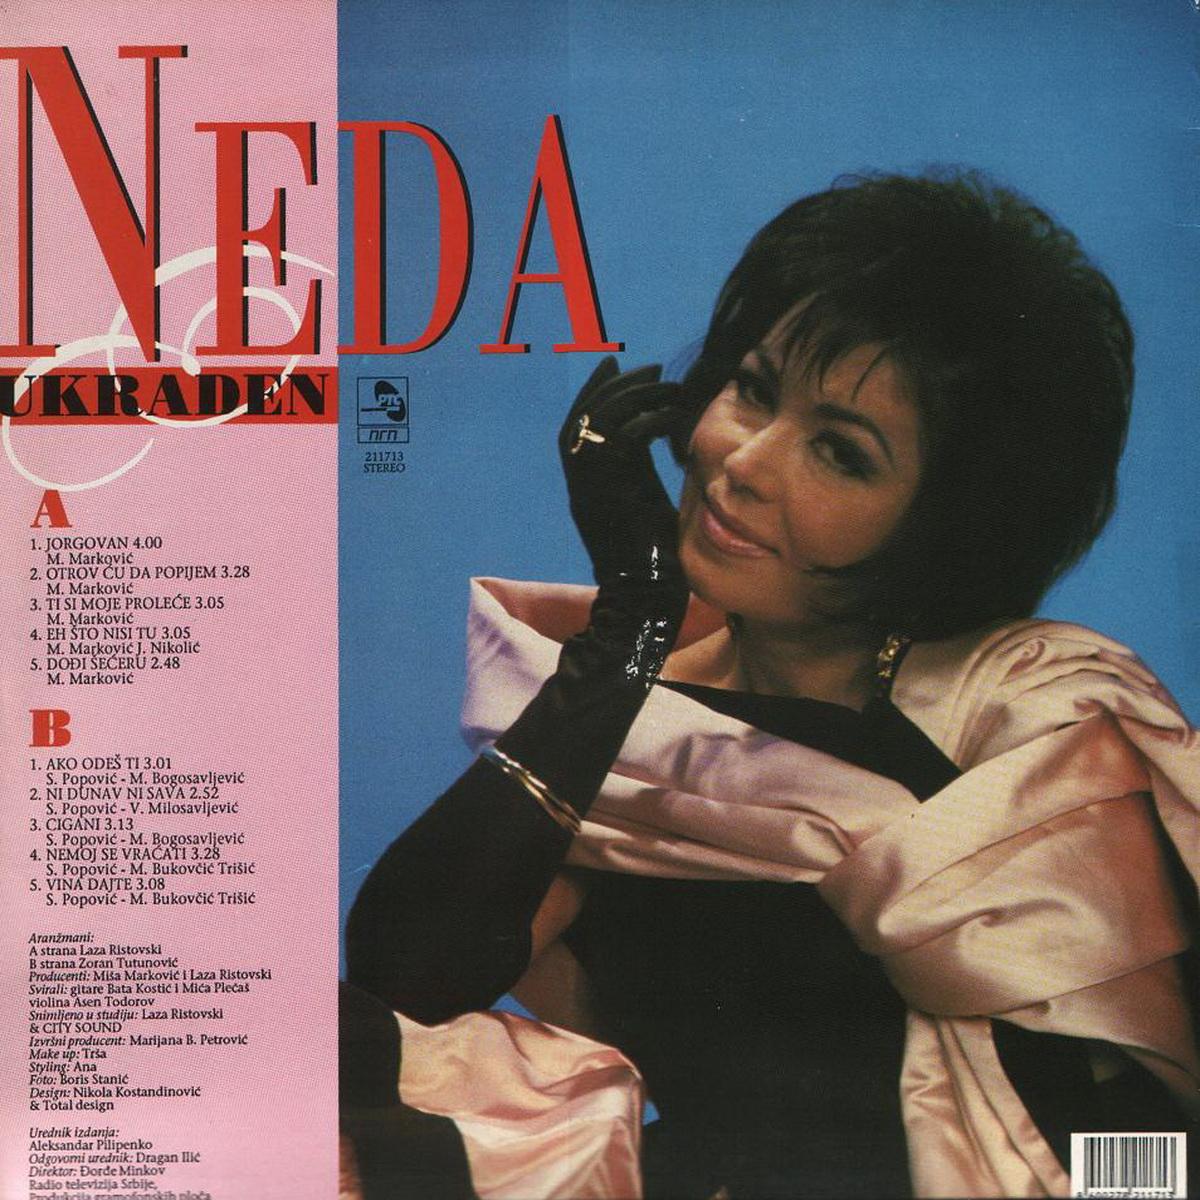 Neda Ukraden 1993 Jorgovani B